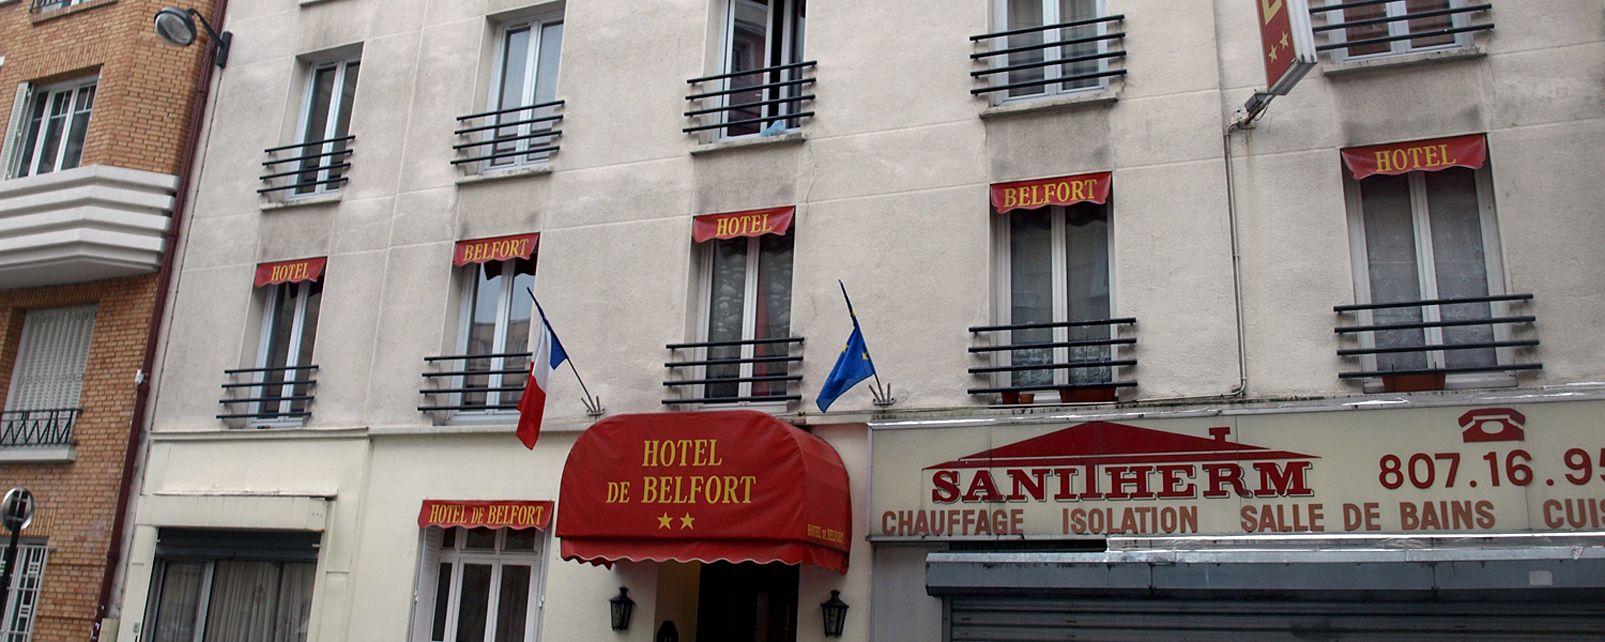 Hôtel De Belfort